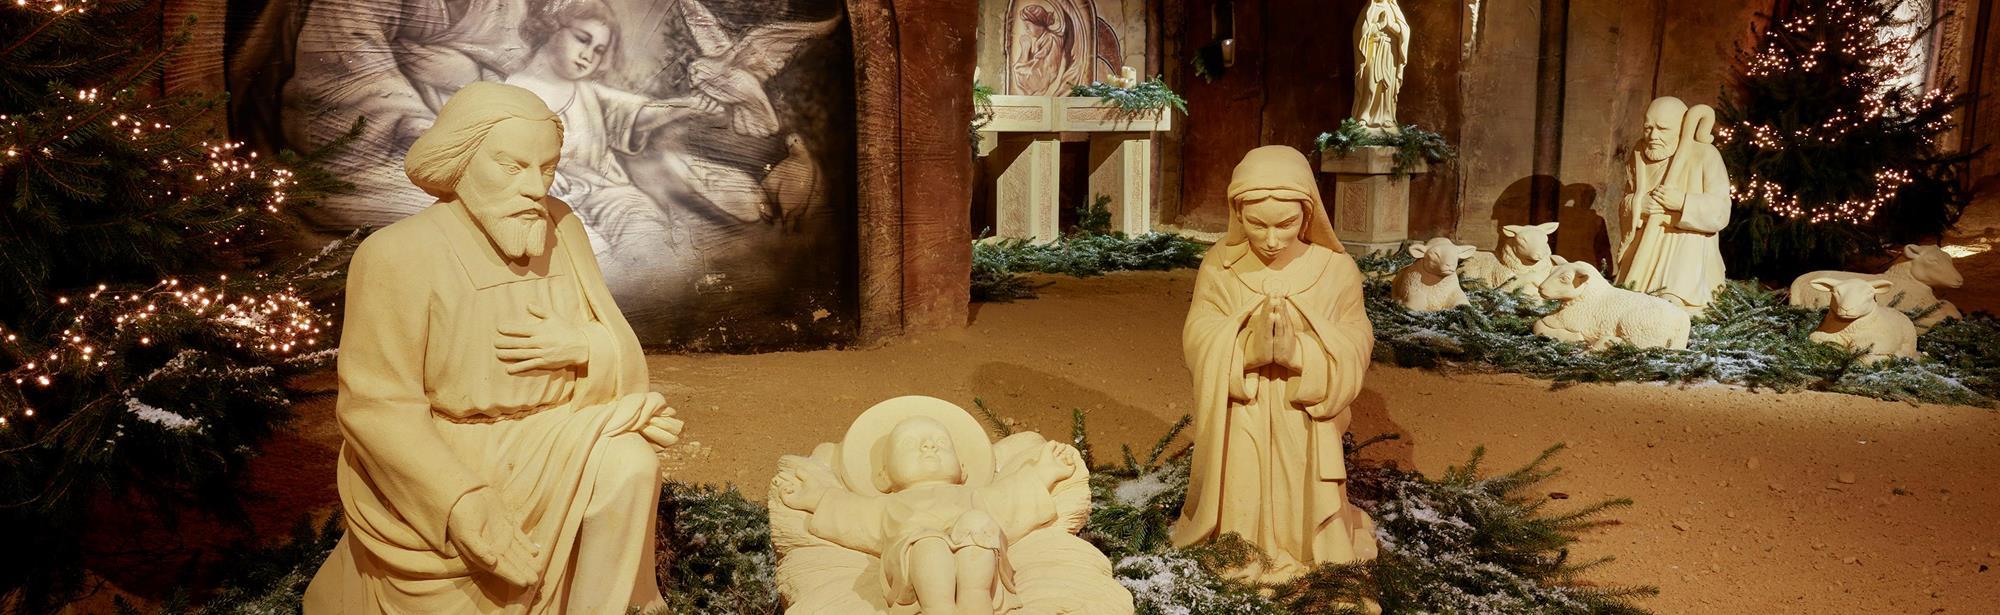 Kerstshow in MergelRijk